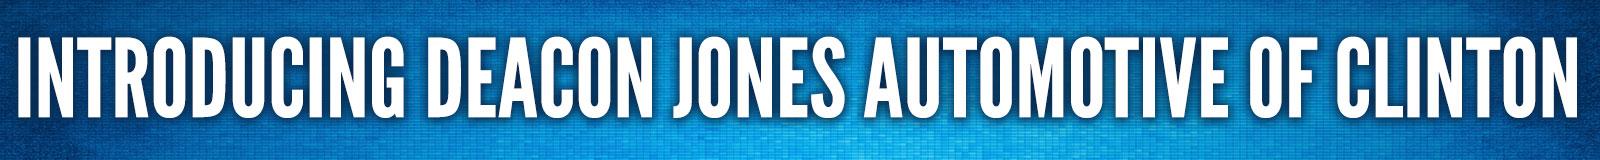 Deacon Jones Clinton Locations